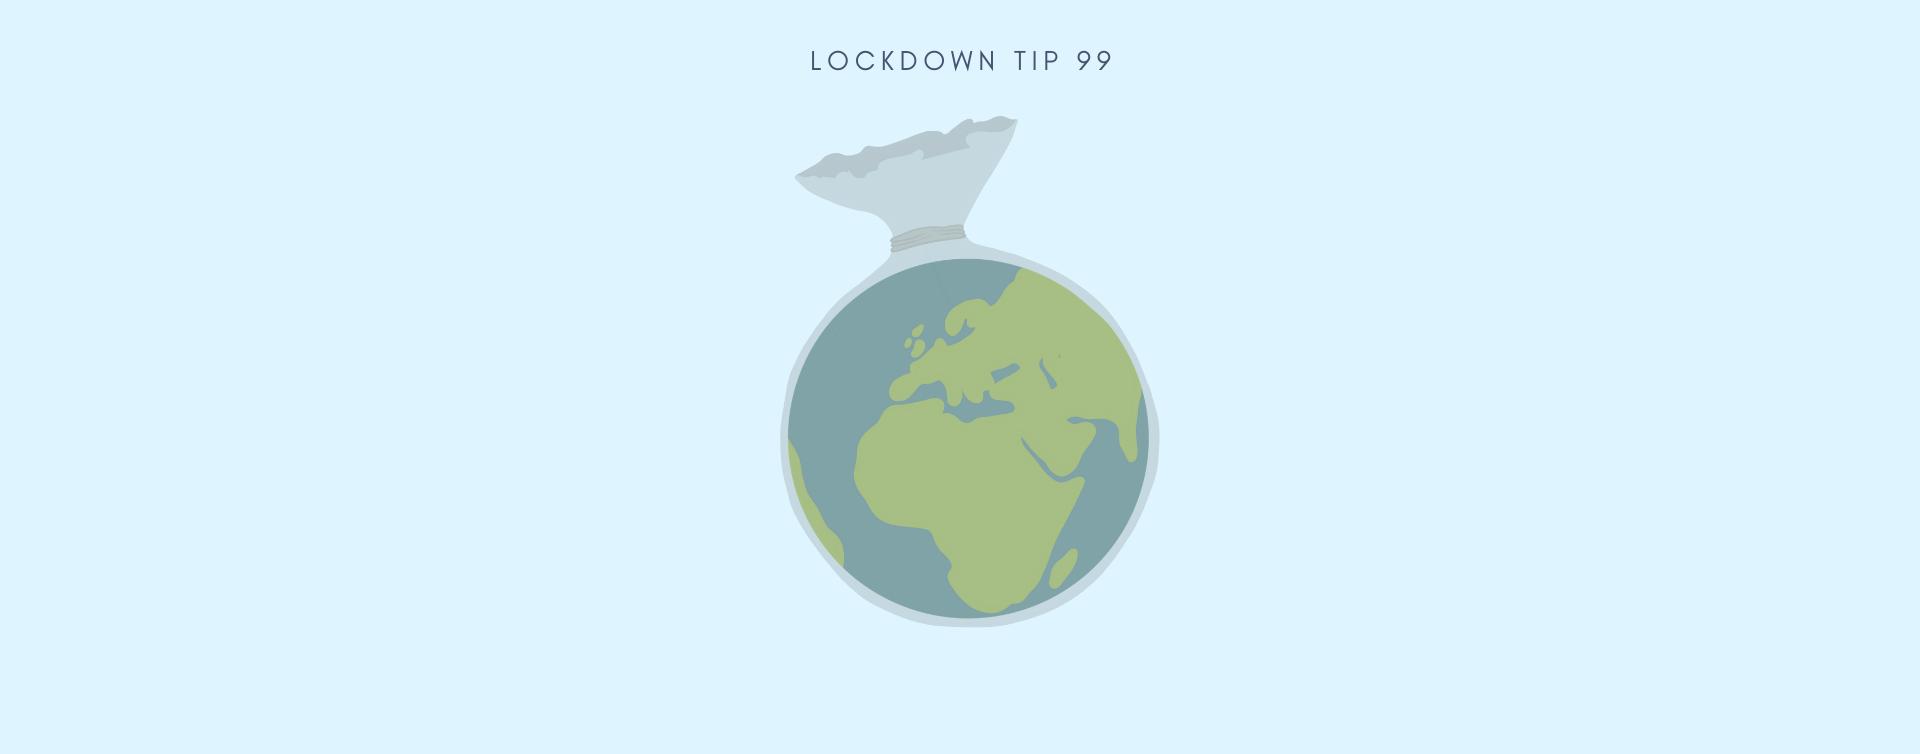 MCSA Lockdown Tip 99